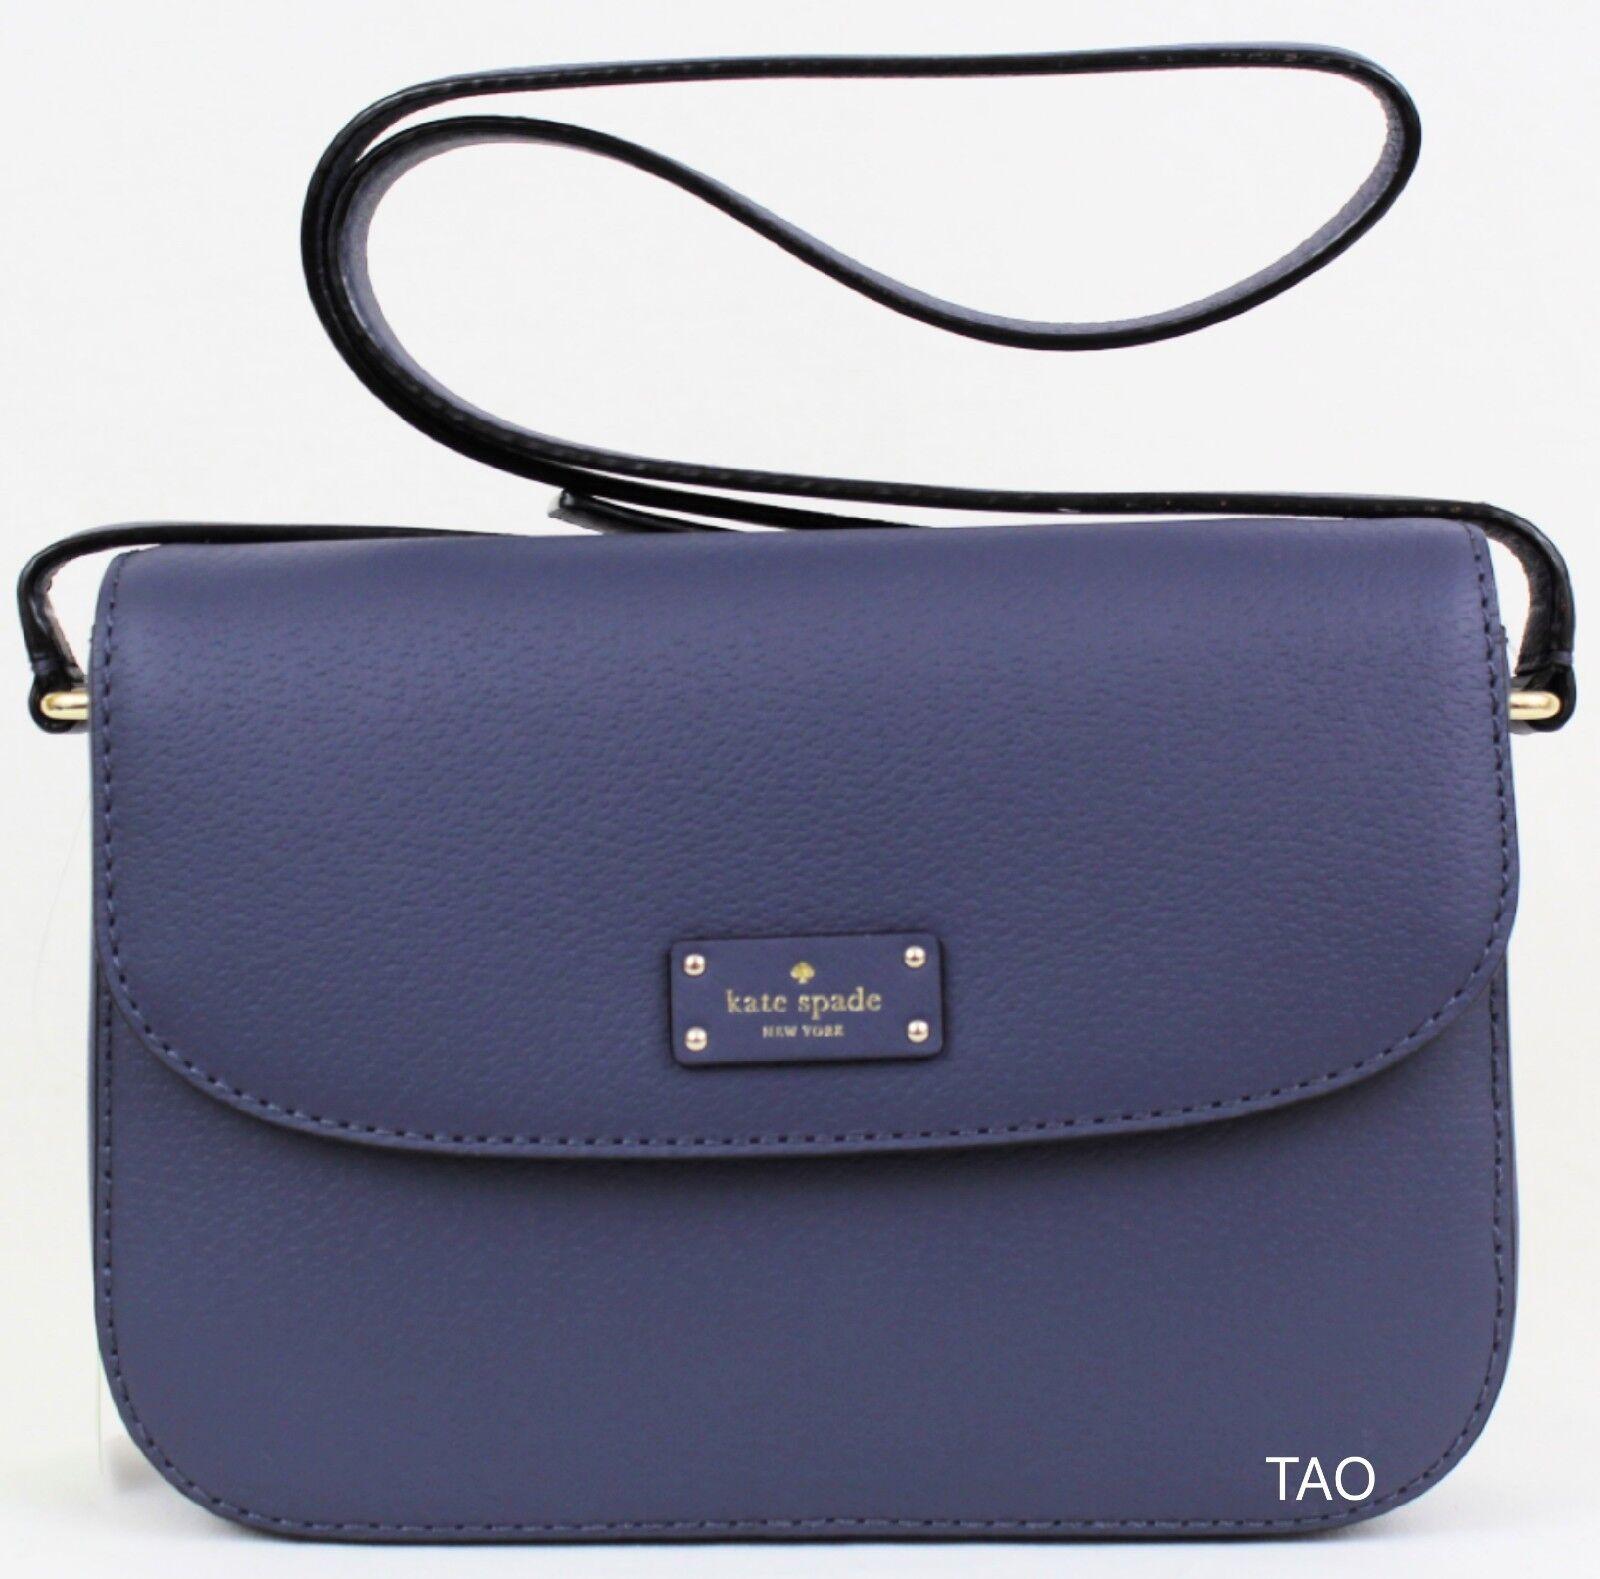 Kate Spade Alycia Grove Street Umhängetasche Schulter Handtasche Diver Blau Neu | Deutschland Shop